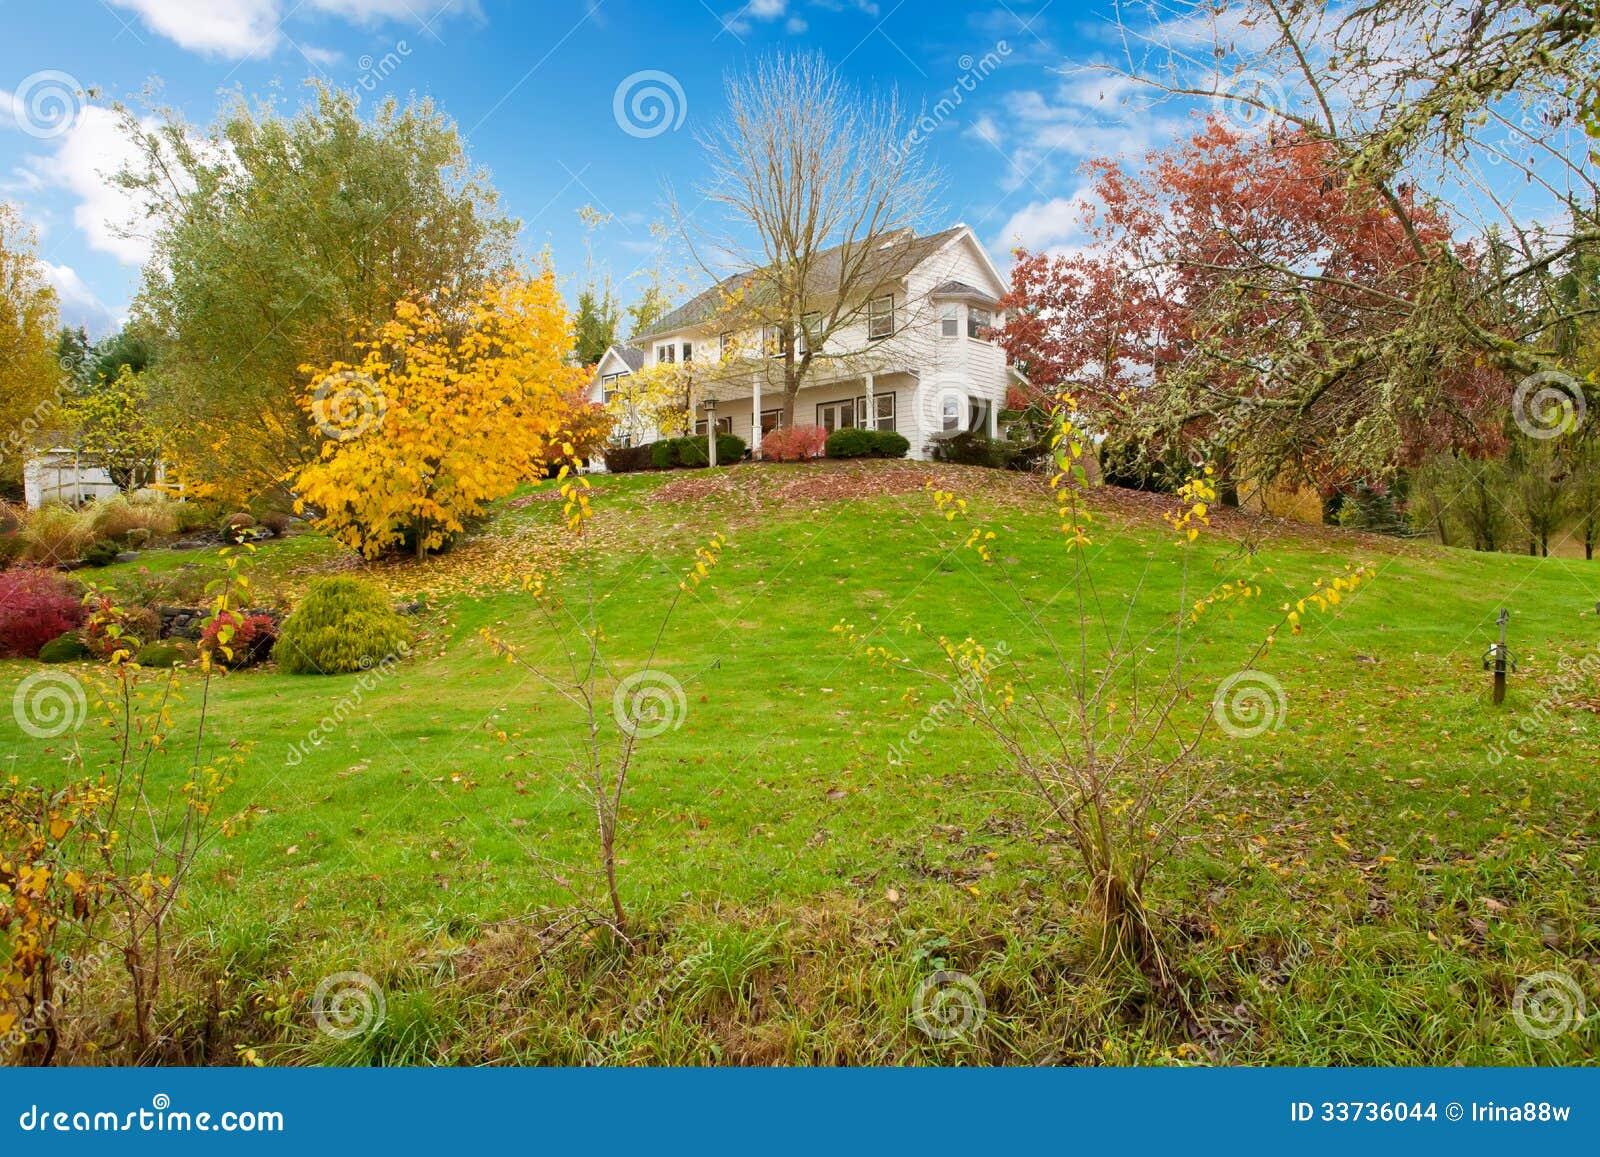 Białego konia gospodarstwa rolnego amerykanina dom podczas spadku z zieloną trawą.